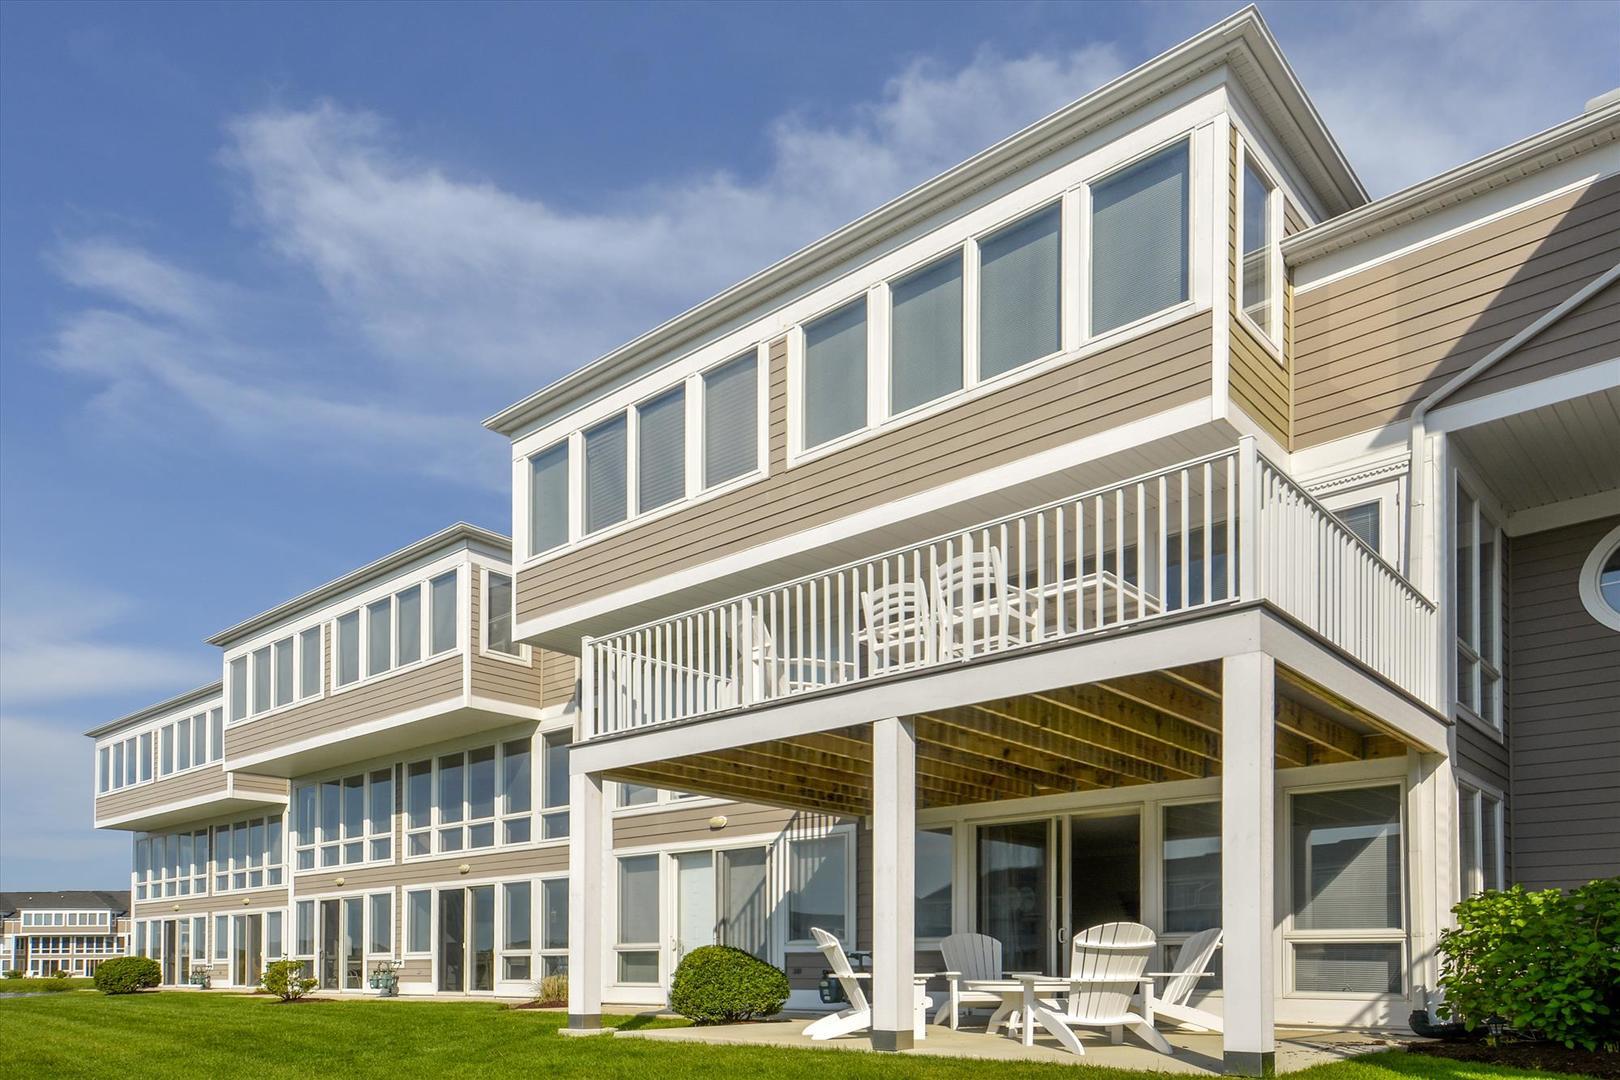 Bayville Shores 1169 - Exterior